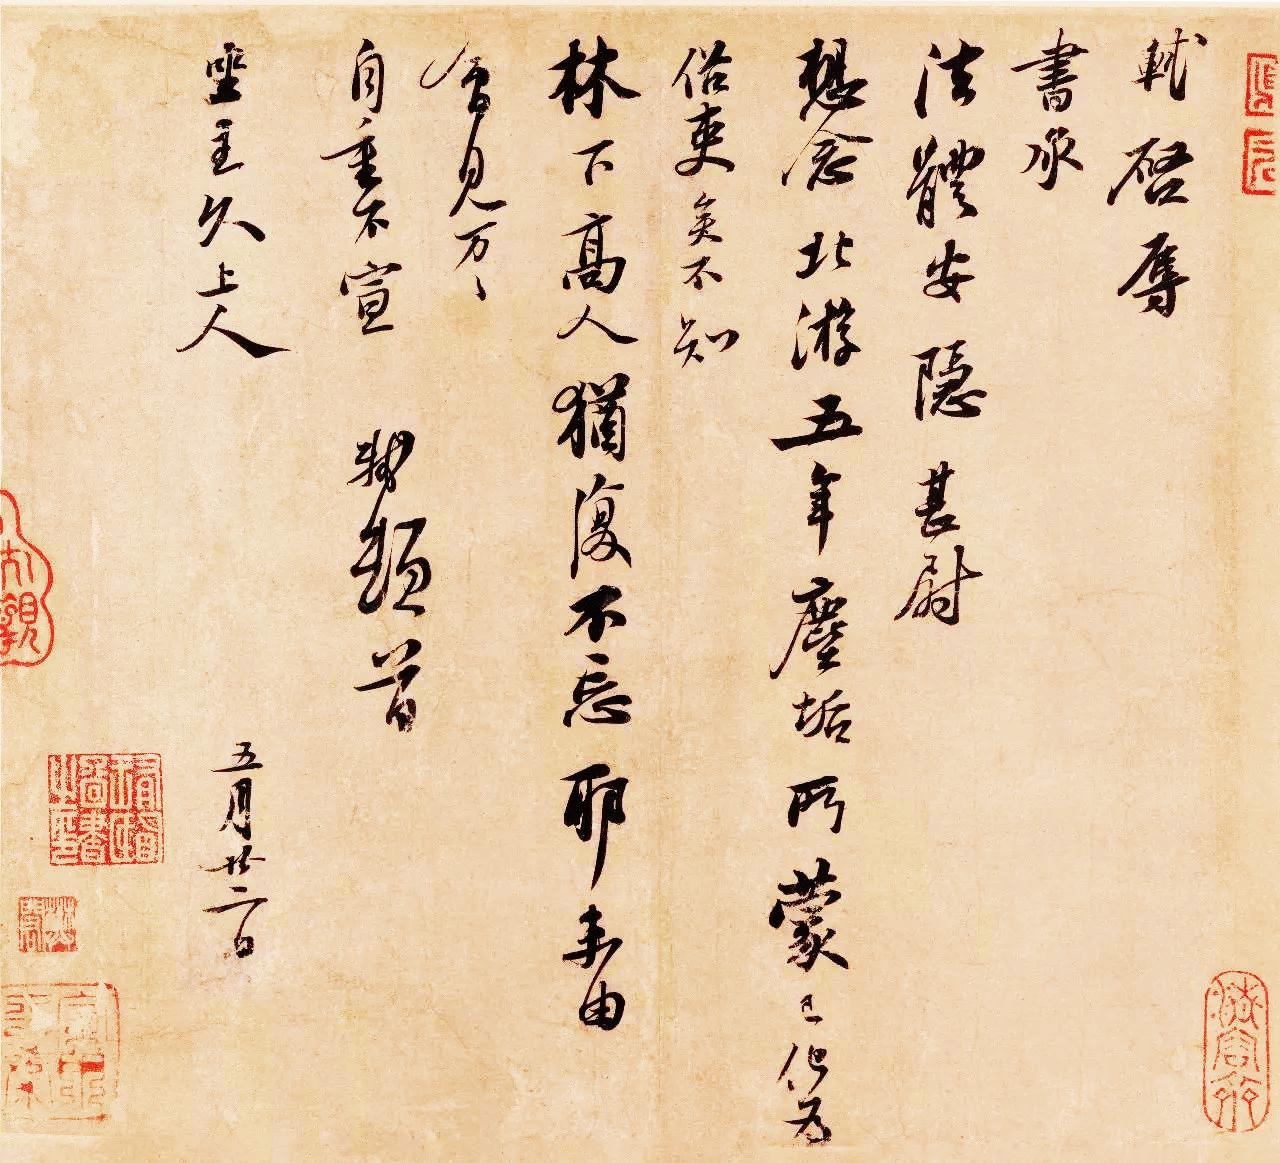 苏轼书法作品《北游贴》